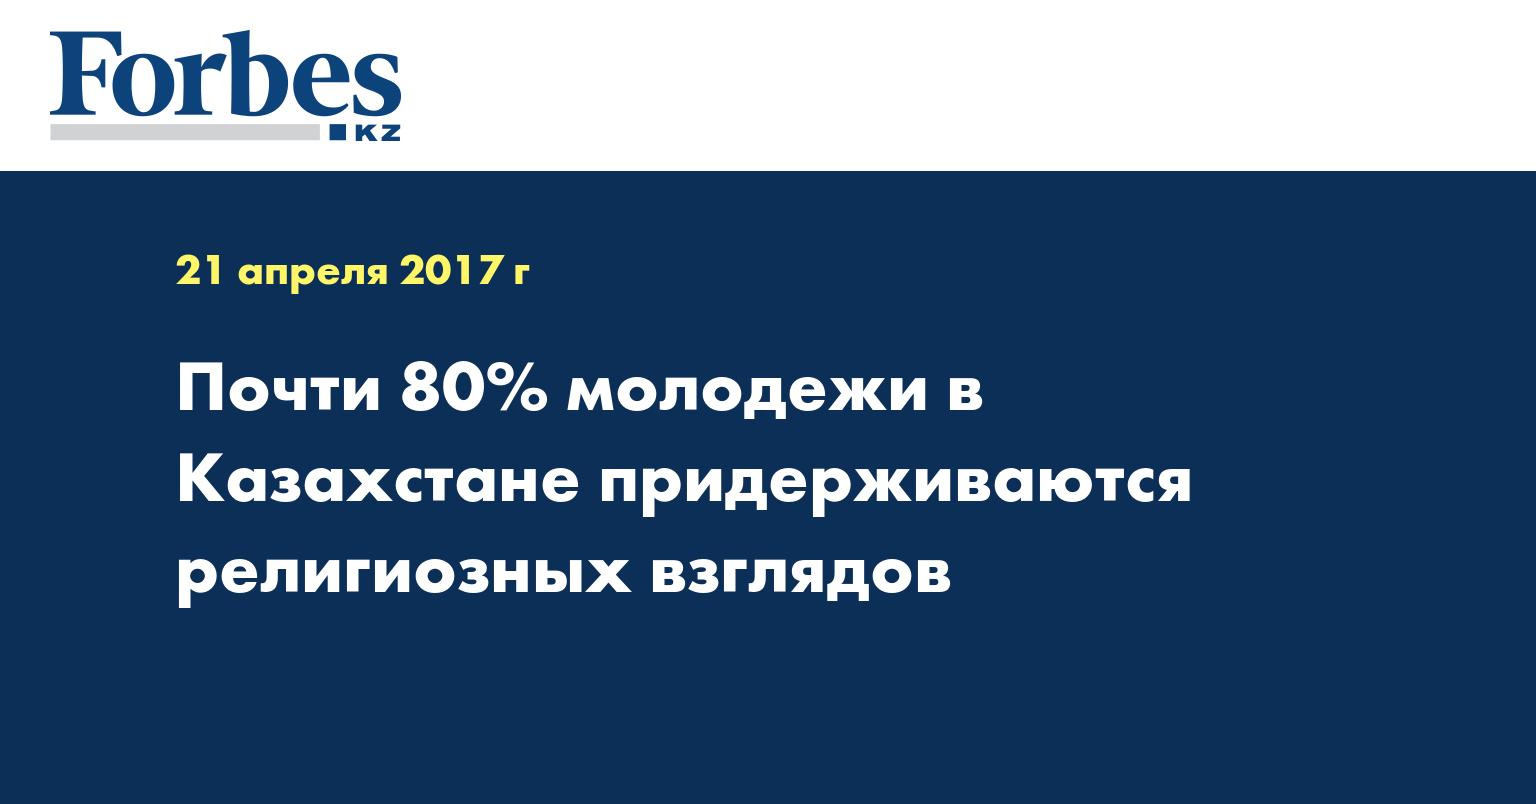 Почти 80% молодежи в Казахстане придерживаются религиозных взглядов